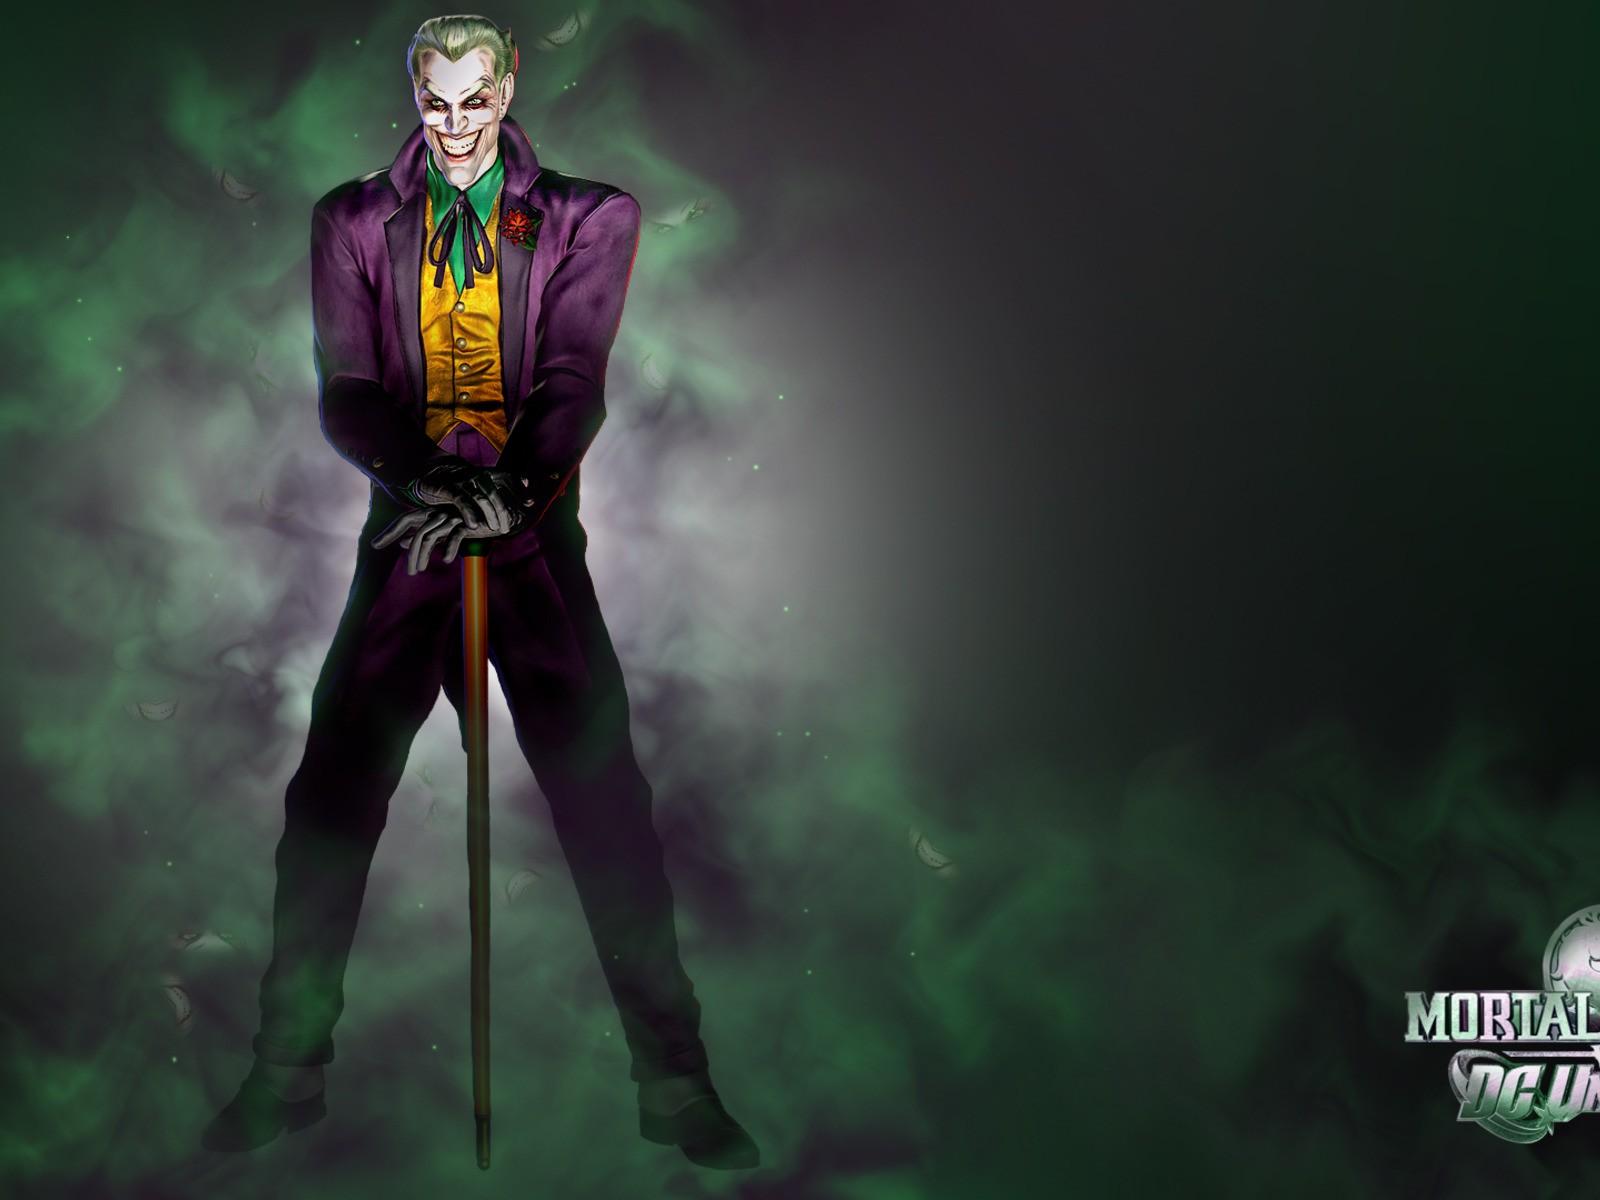 Joker Comic Wallpaper HD - WallpaperSafari